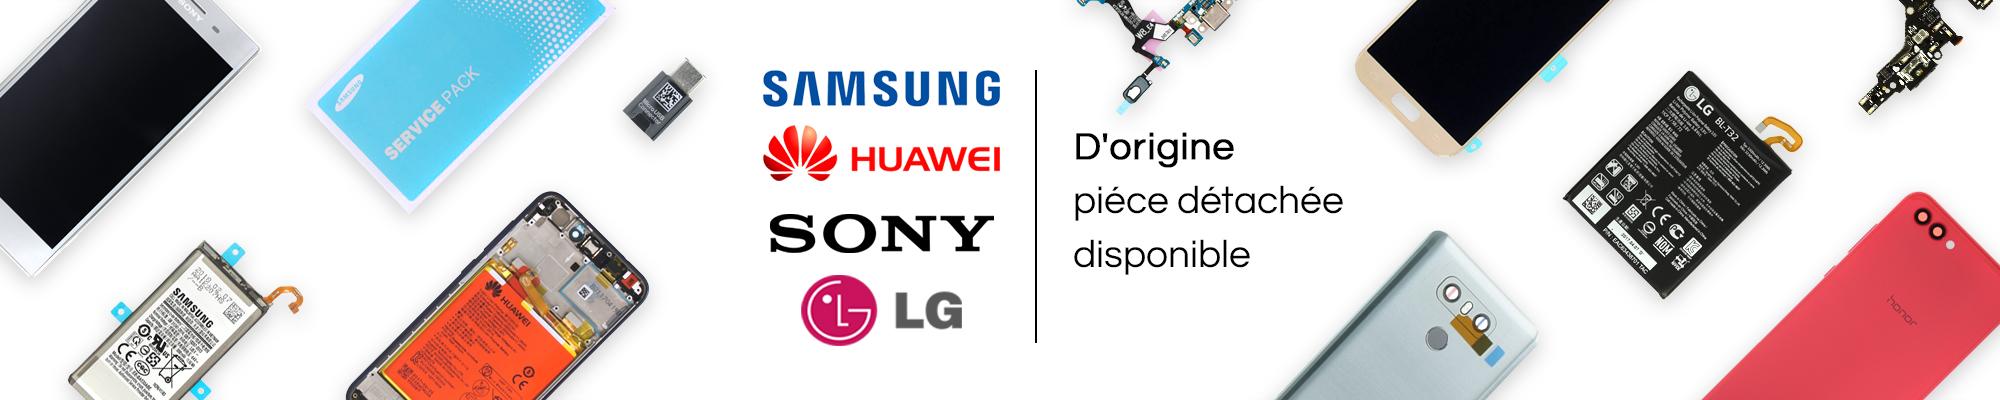 D'origine piece detachee disponible a GSM Parts Center